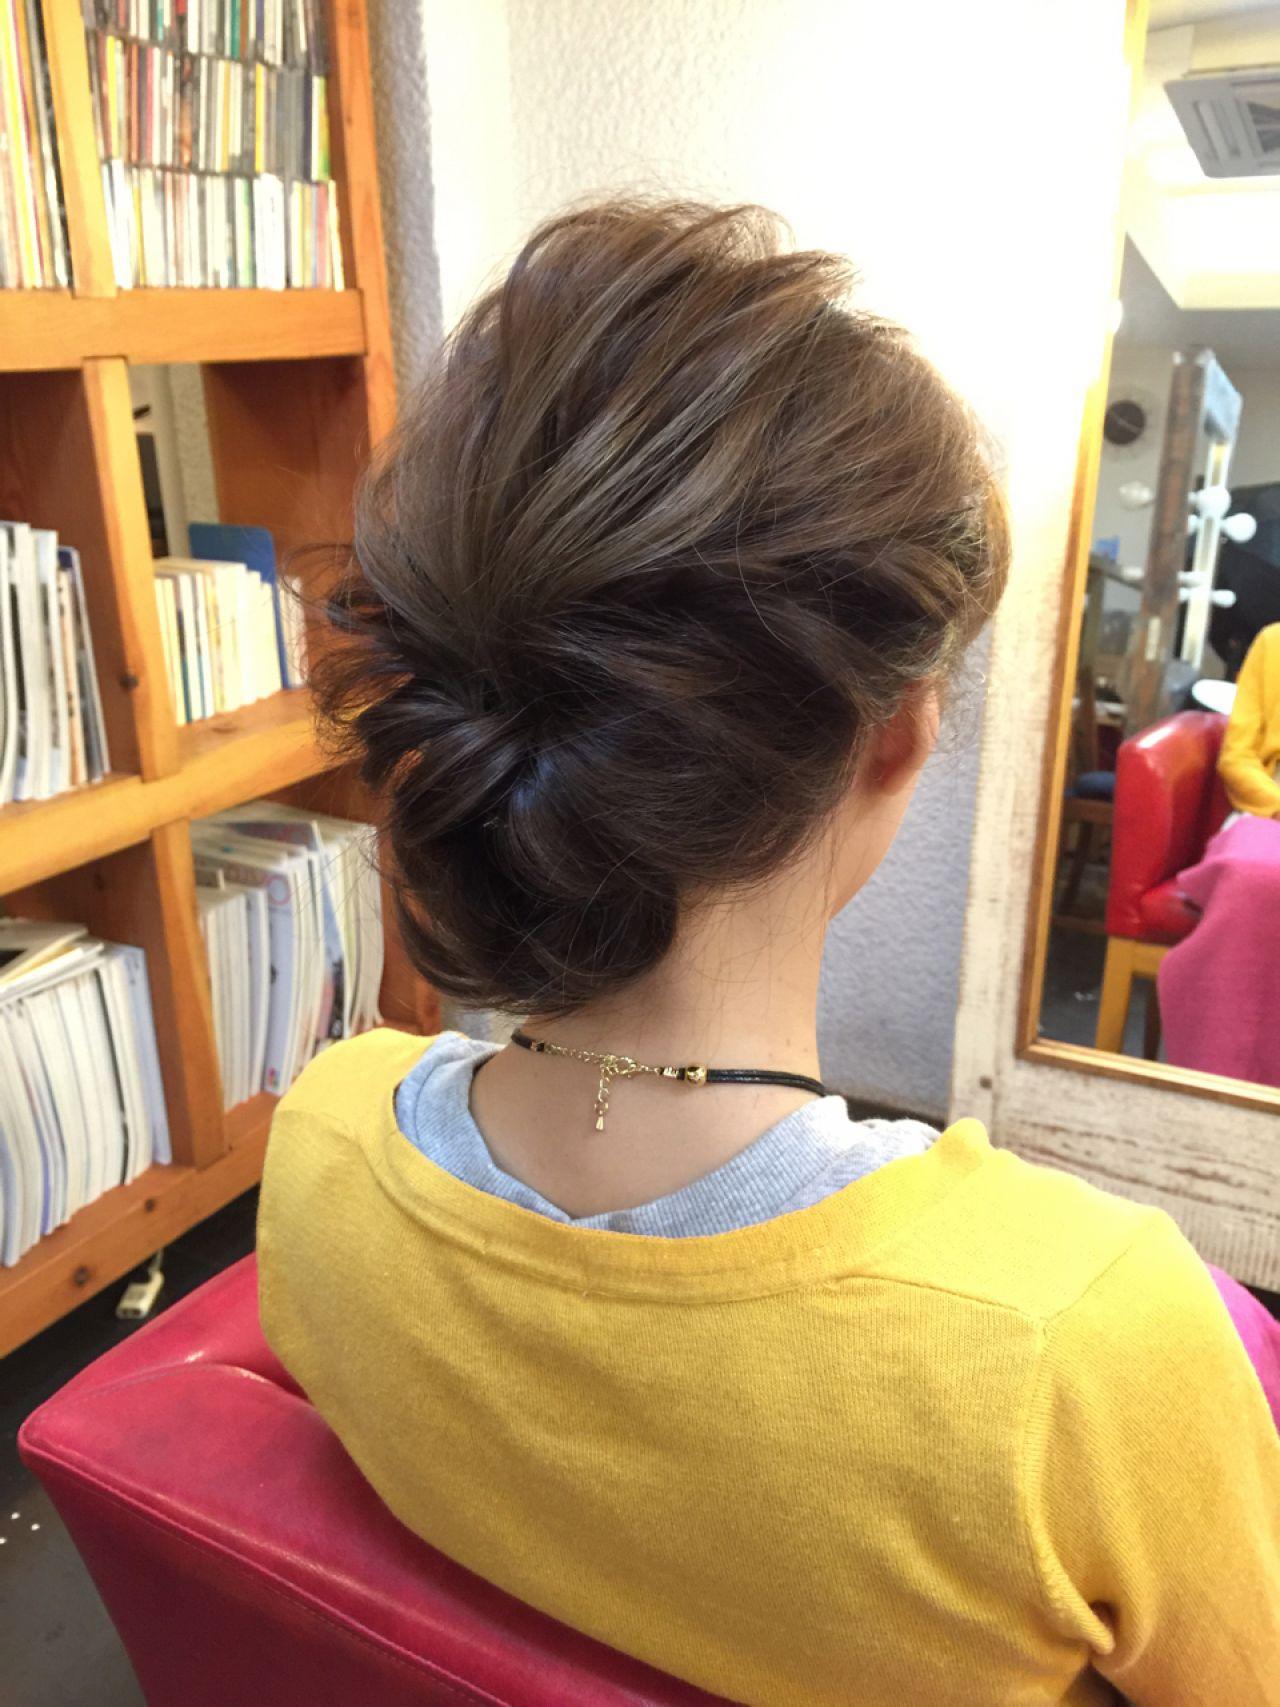 パーティ 簡単 ミディアム まとめ髪 ヘアスタイルや髪型の写真・画像